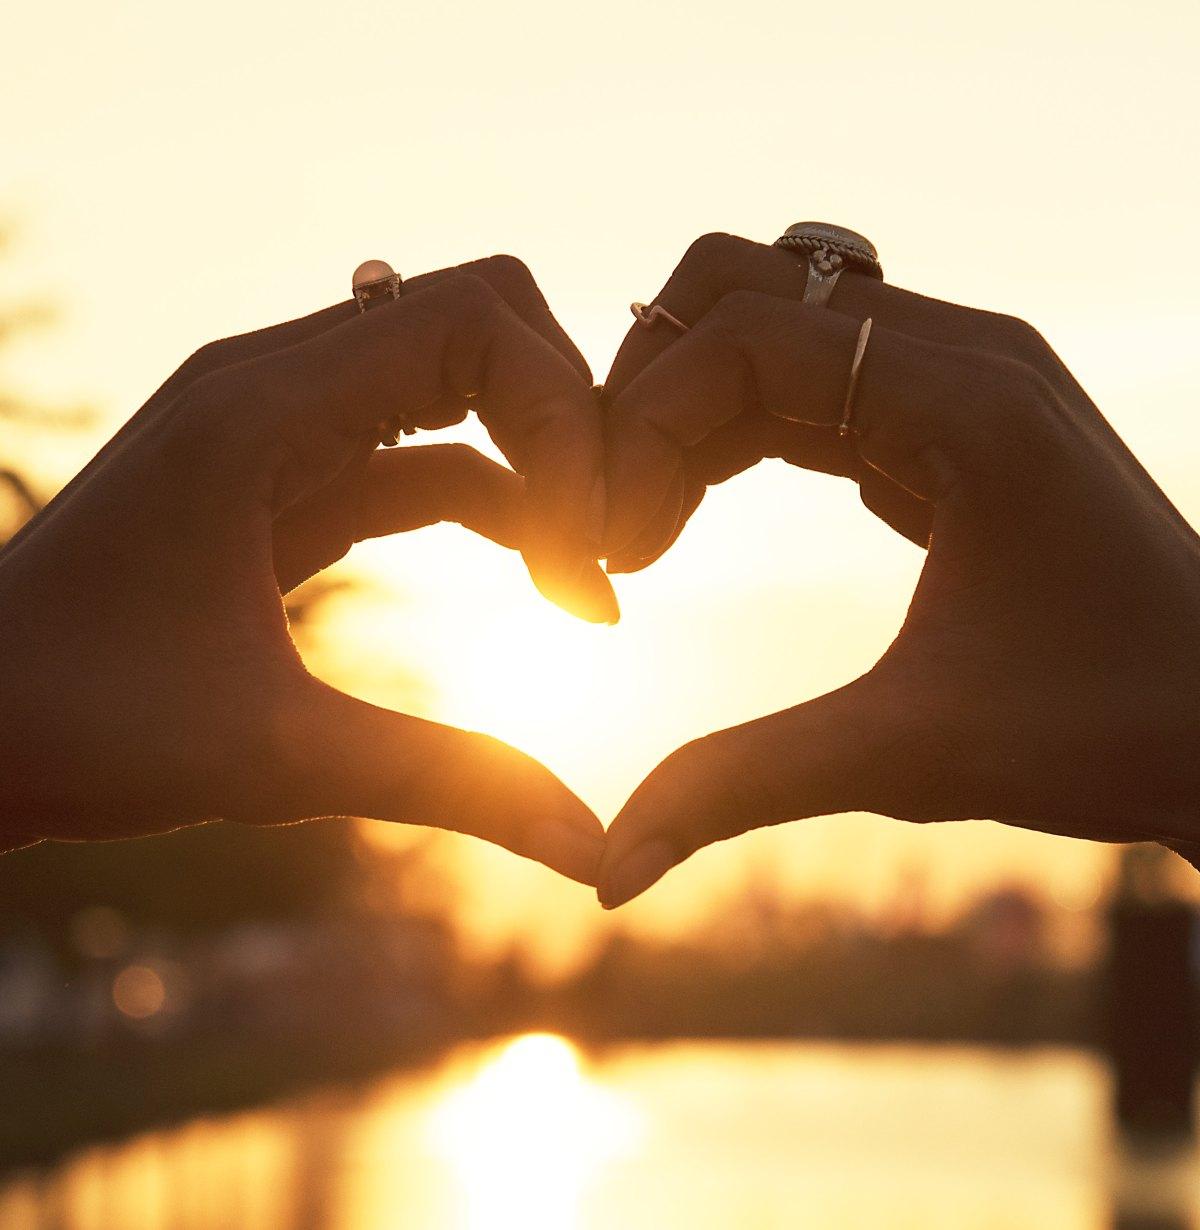 Will you find Valentine's Day love online? #valentinesday #love #onlinedating#dating